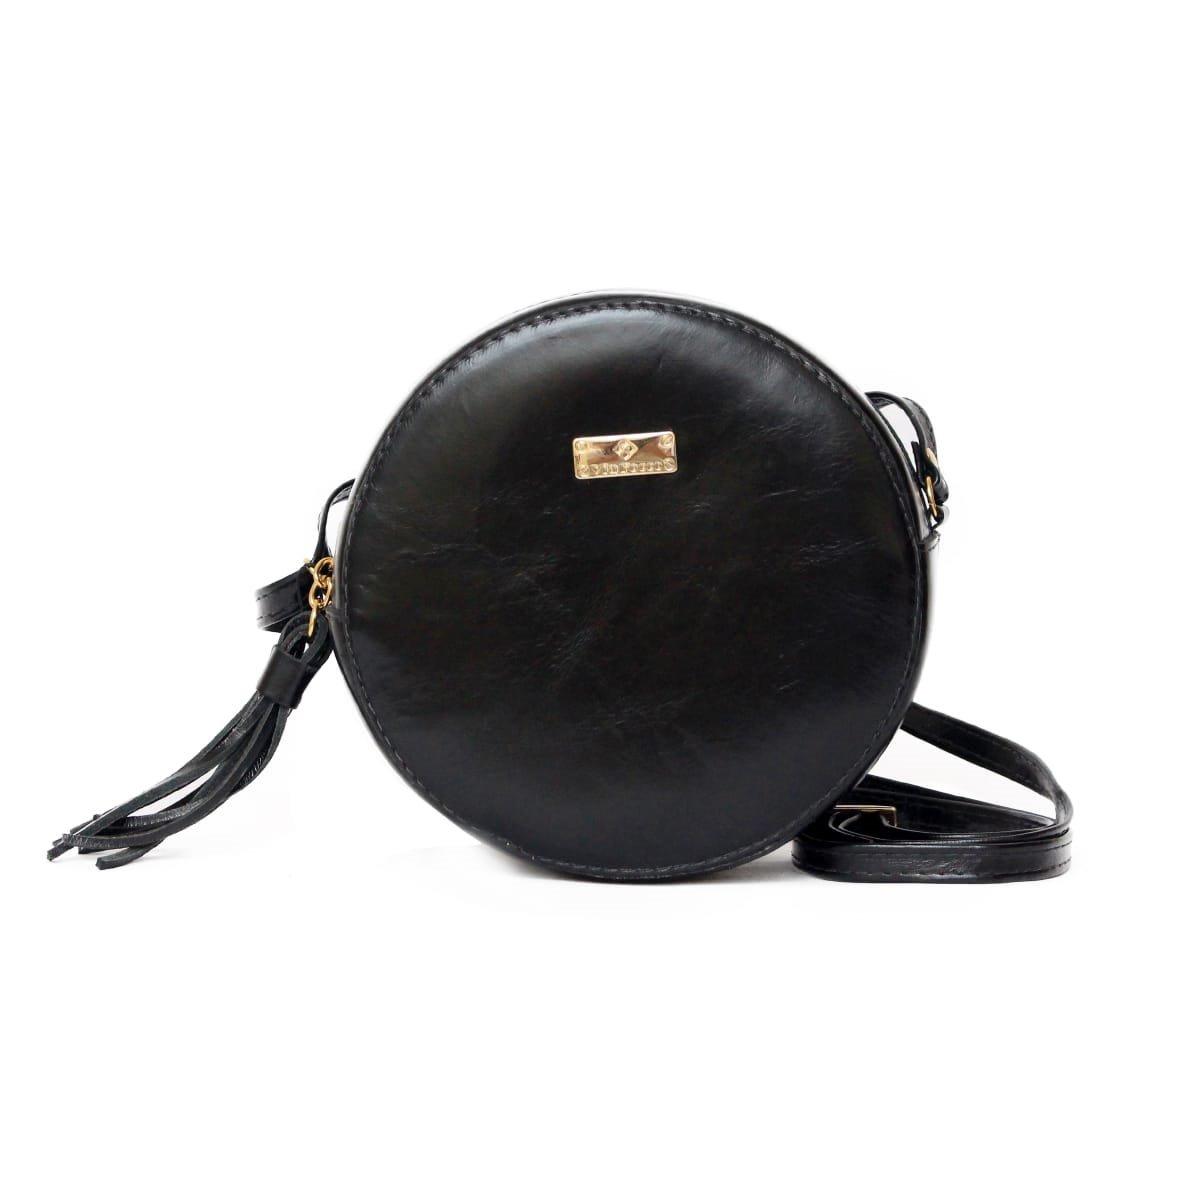 3e18d3cf5 Bolsas Femininas Baratas De Couro Legítimo - R$ 121,90 em Mercado Livre